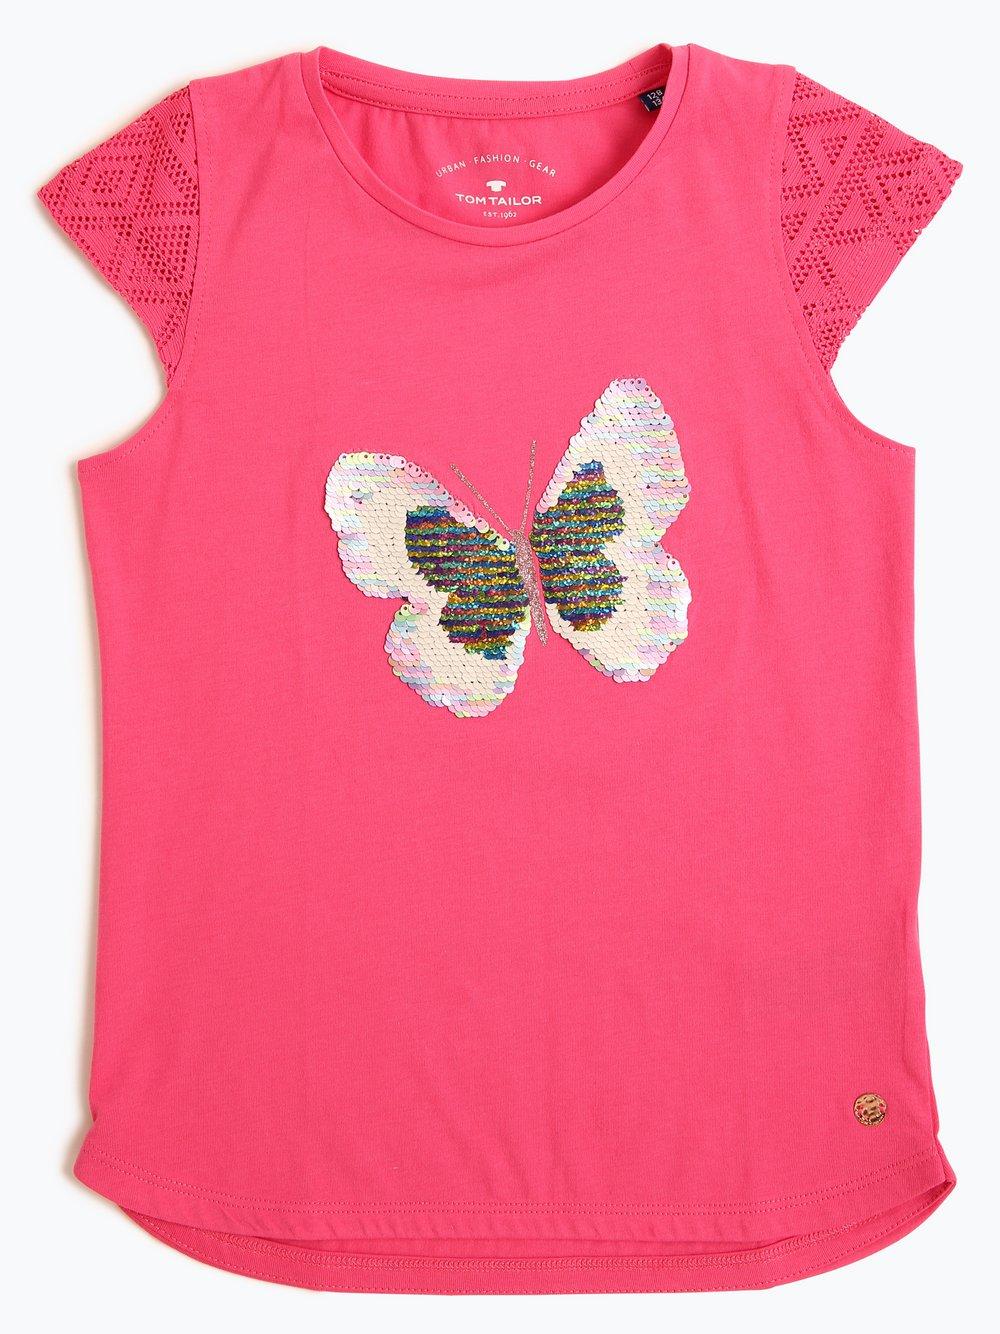 65dc43b48ae469 Tom Tailor Mädchen T-Shirt online kaufen